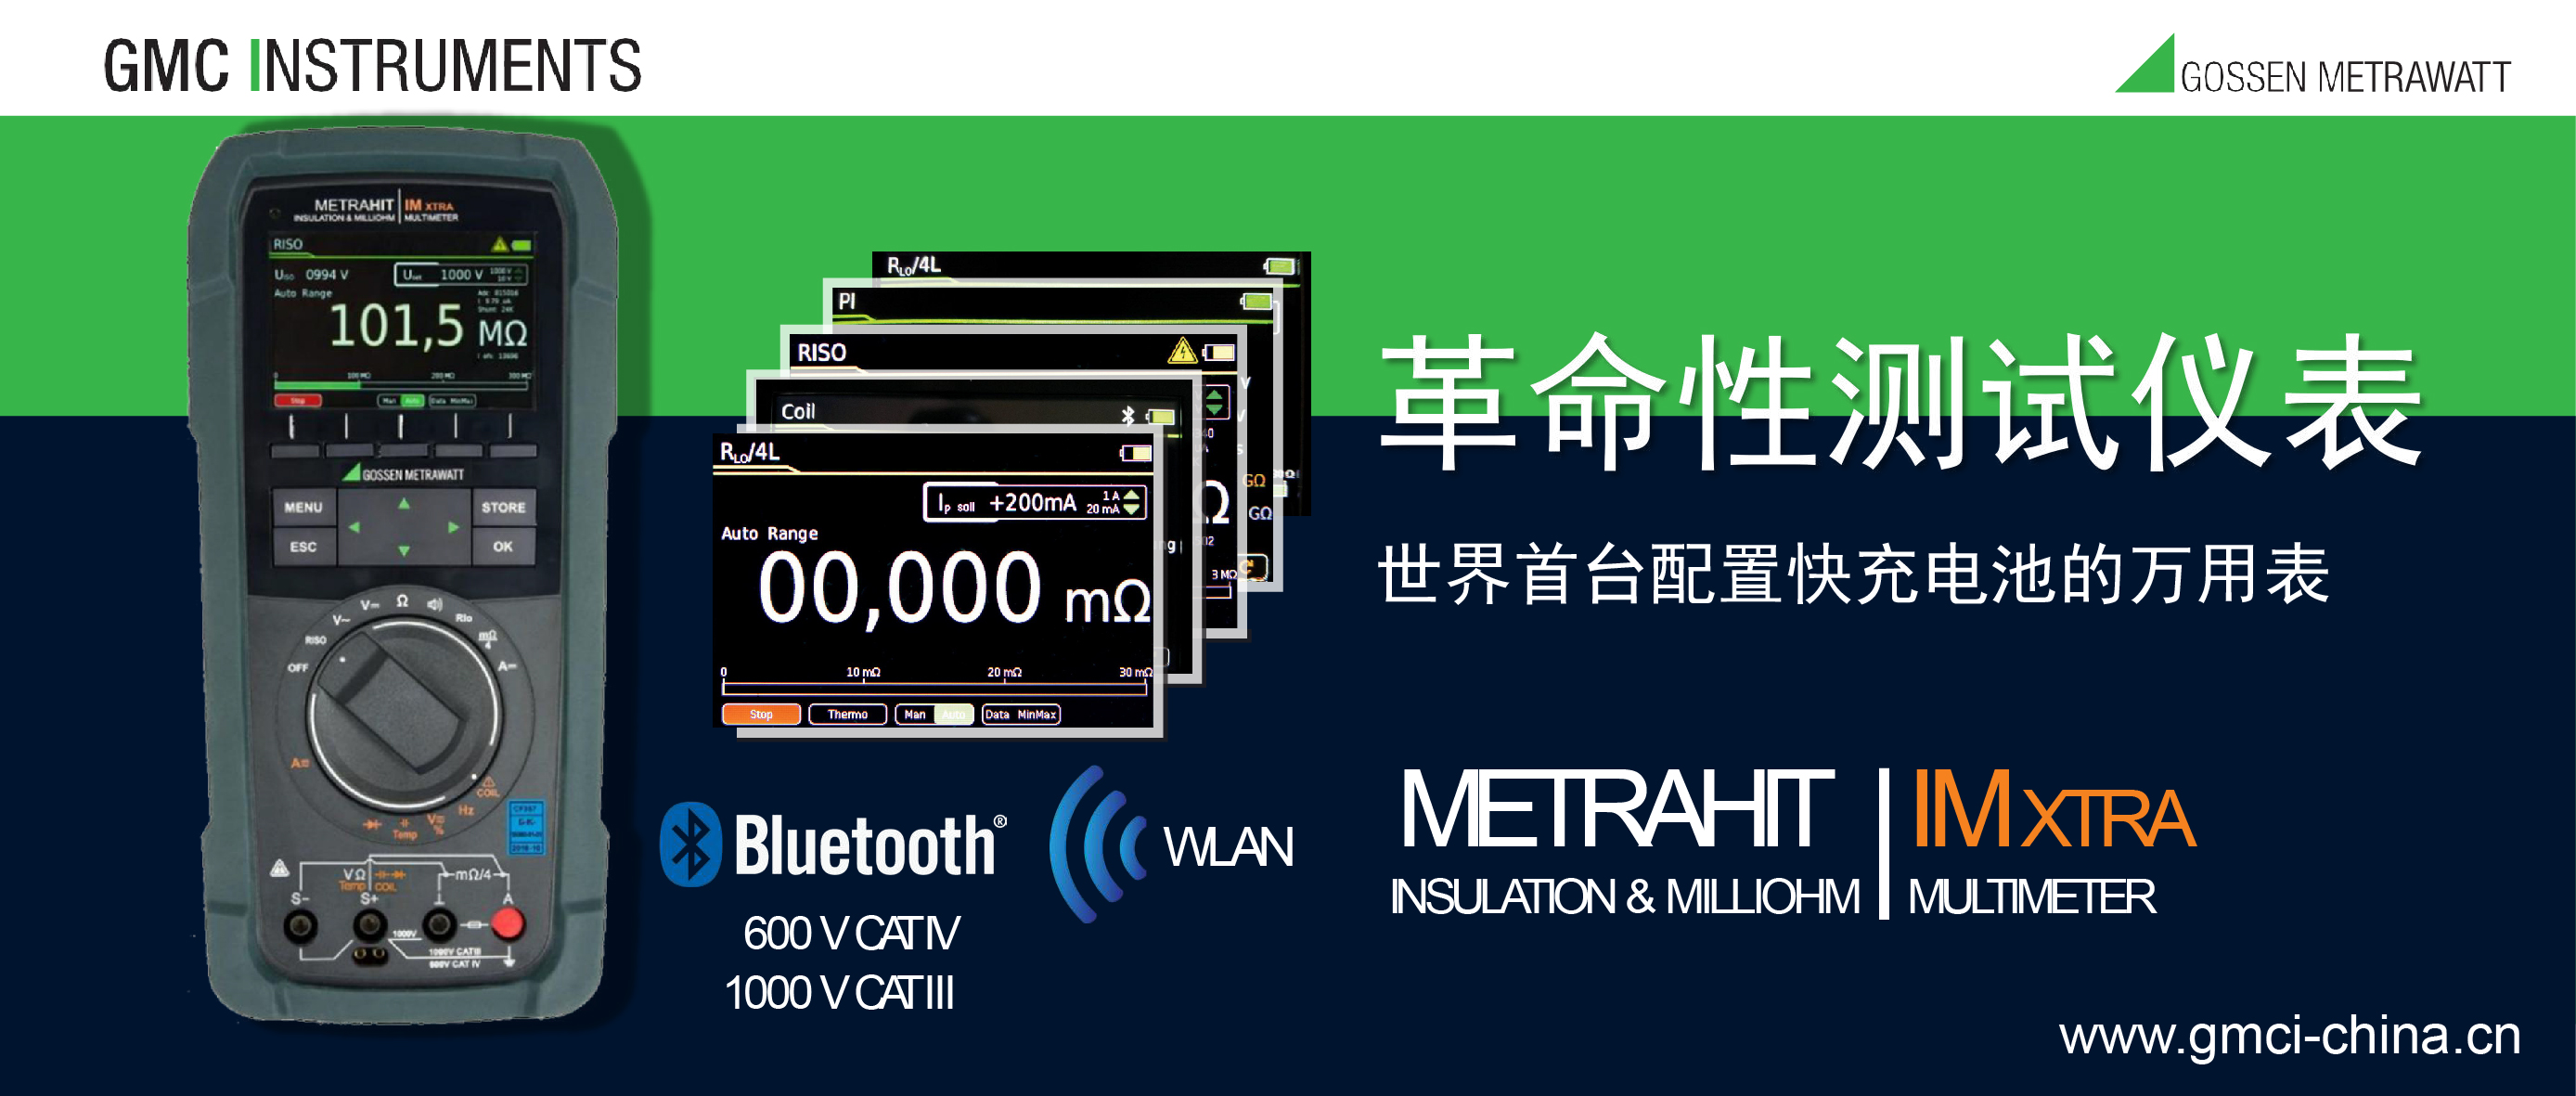 革命性测试仪表——万用表、绝缘微欧表METRAHIT IM XTRA